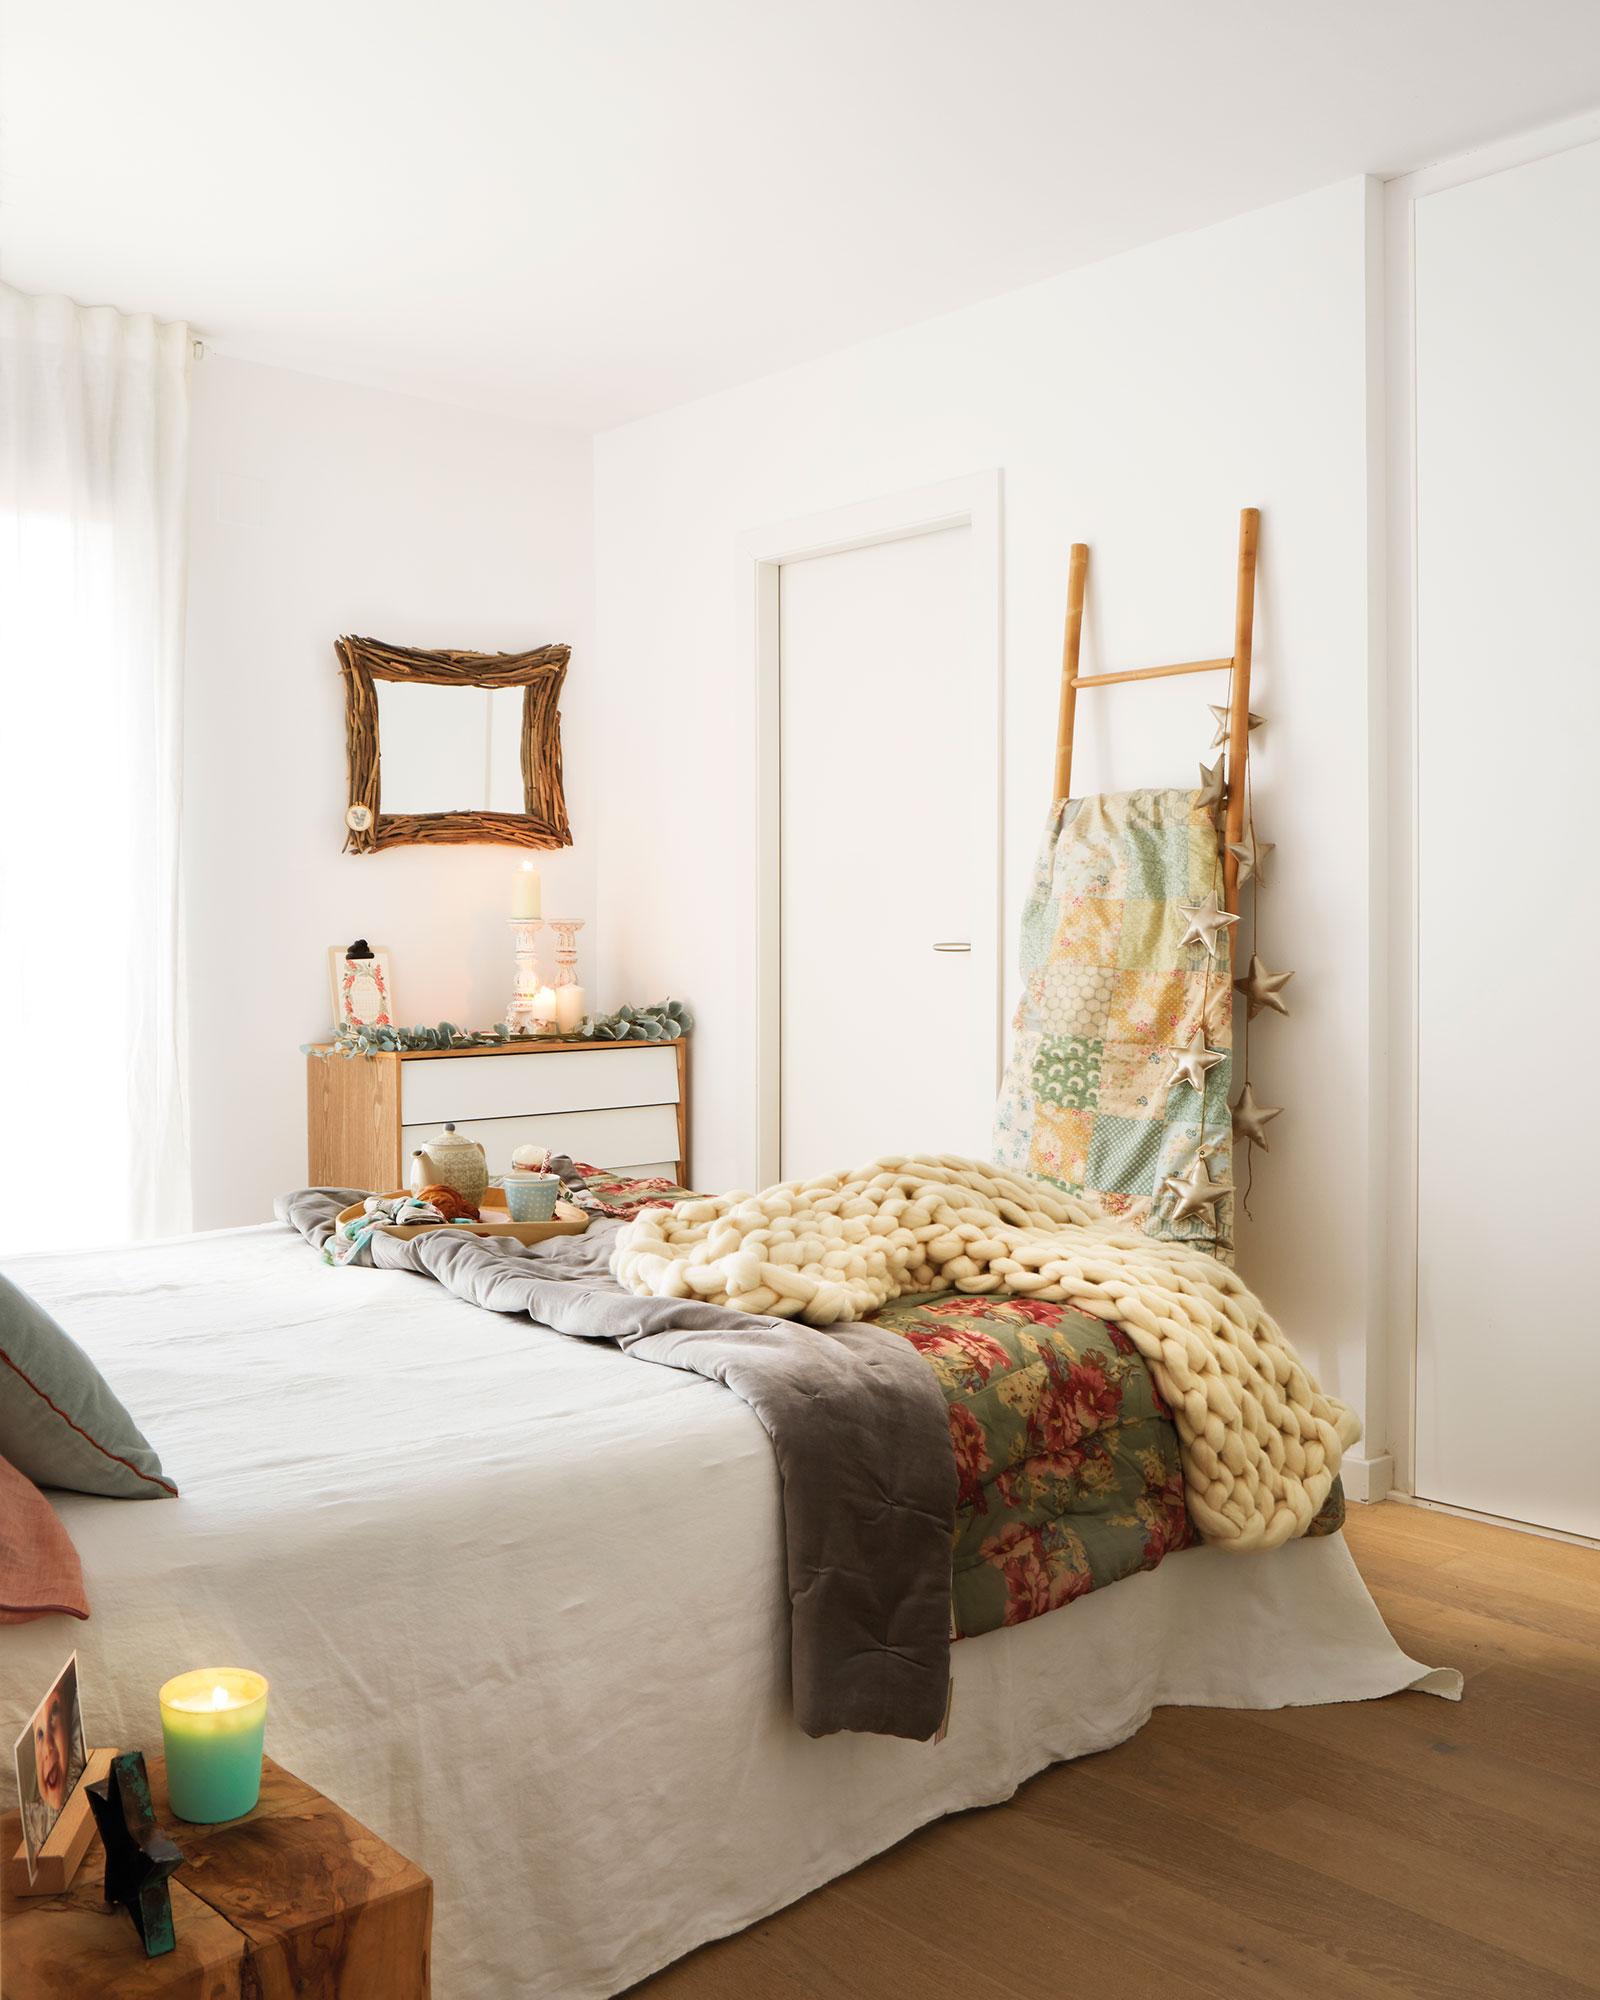 Compartir Piso: 10 Ideas Low Cost Para Decorar Tu Dormitorio